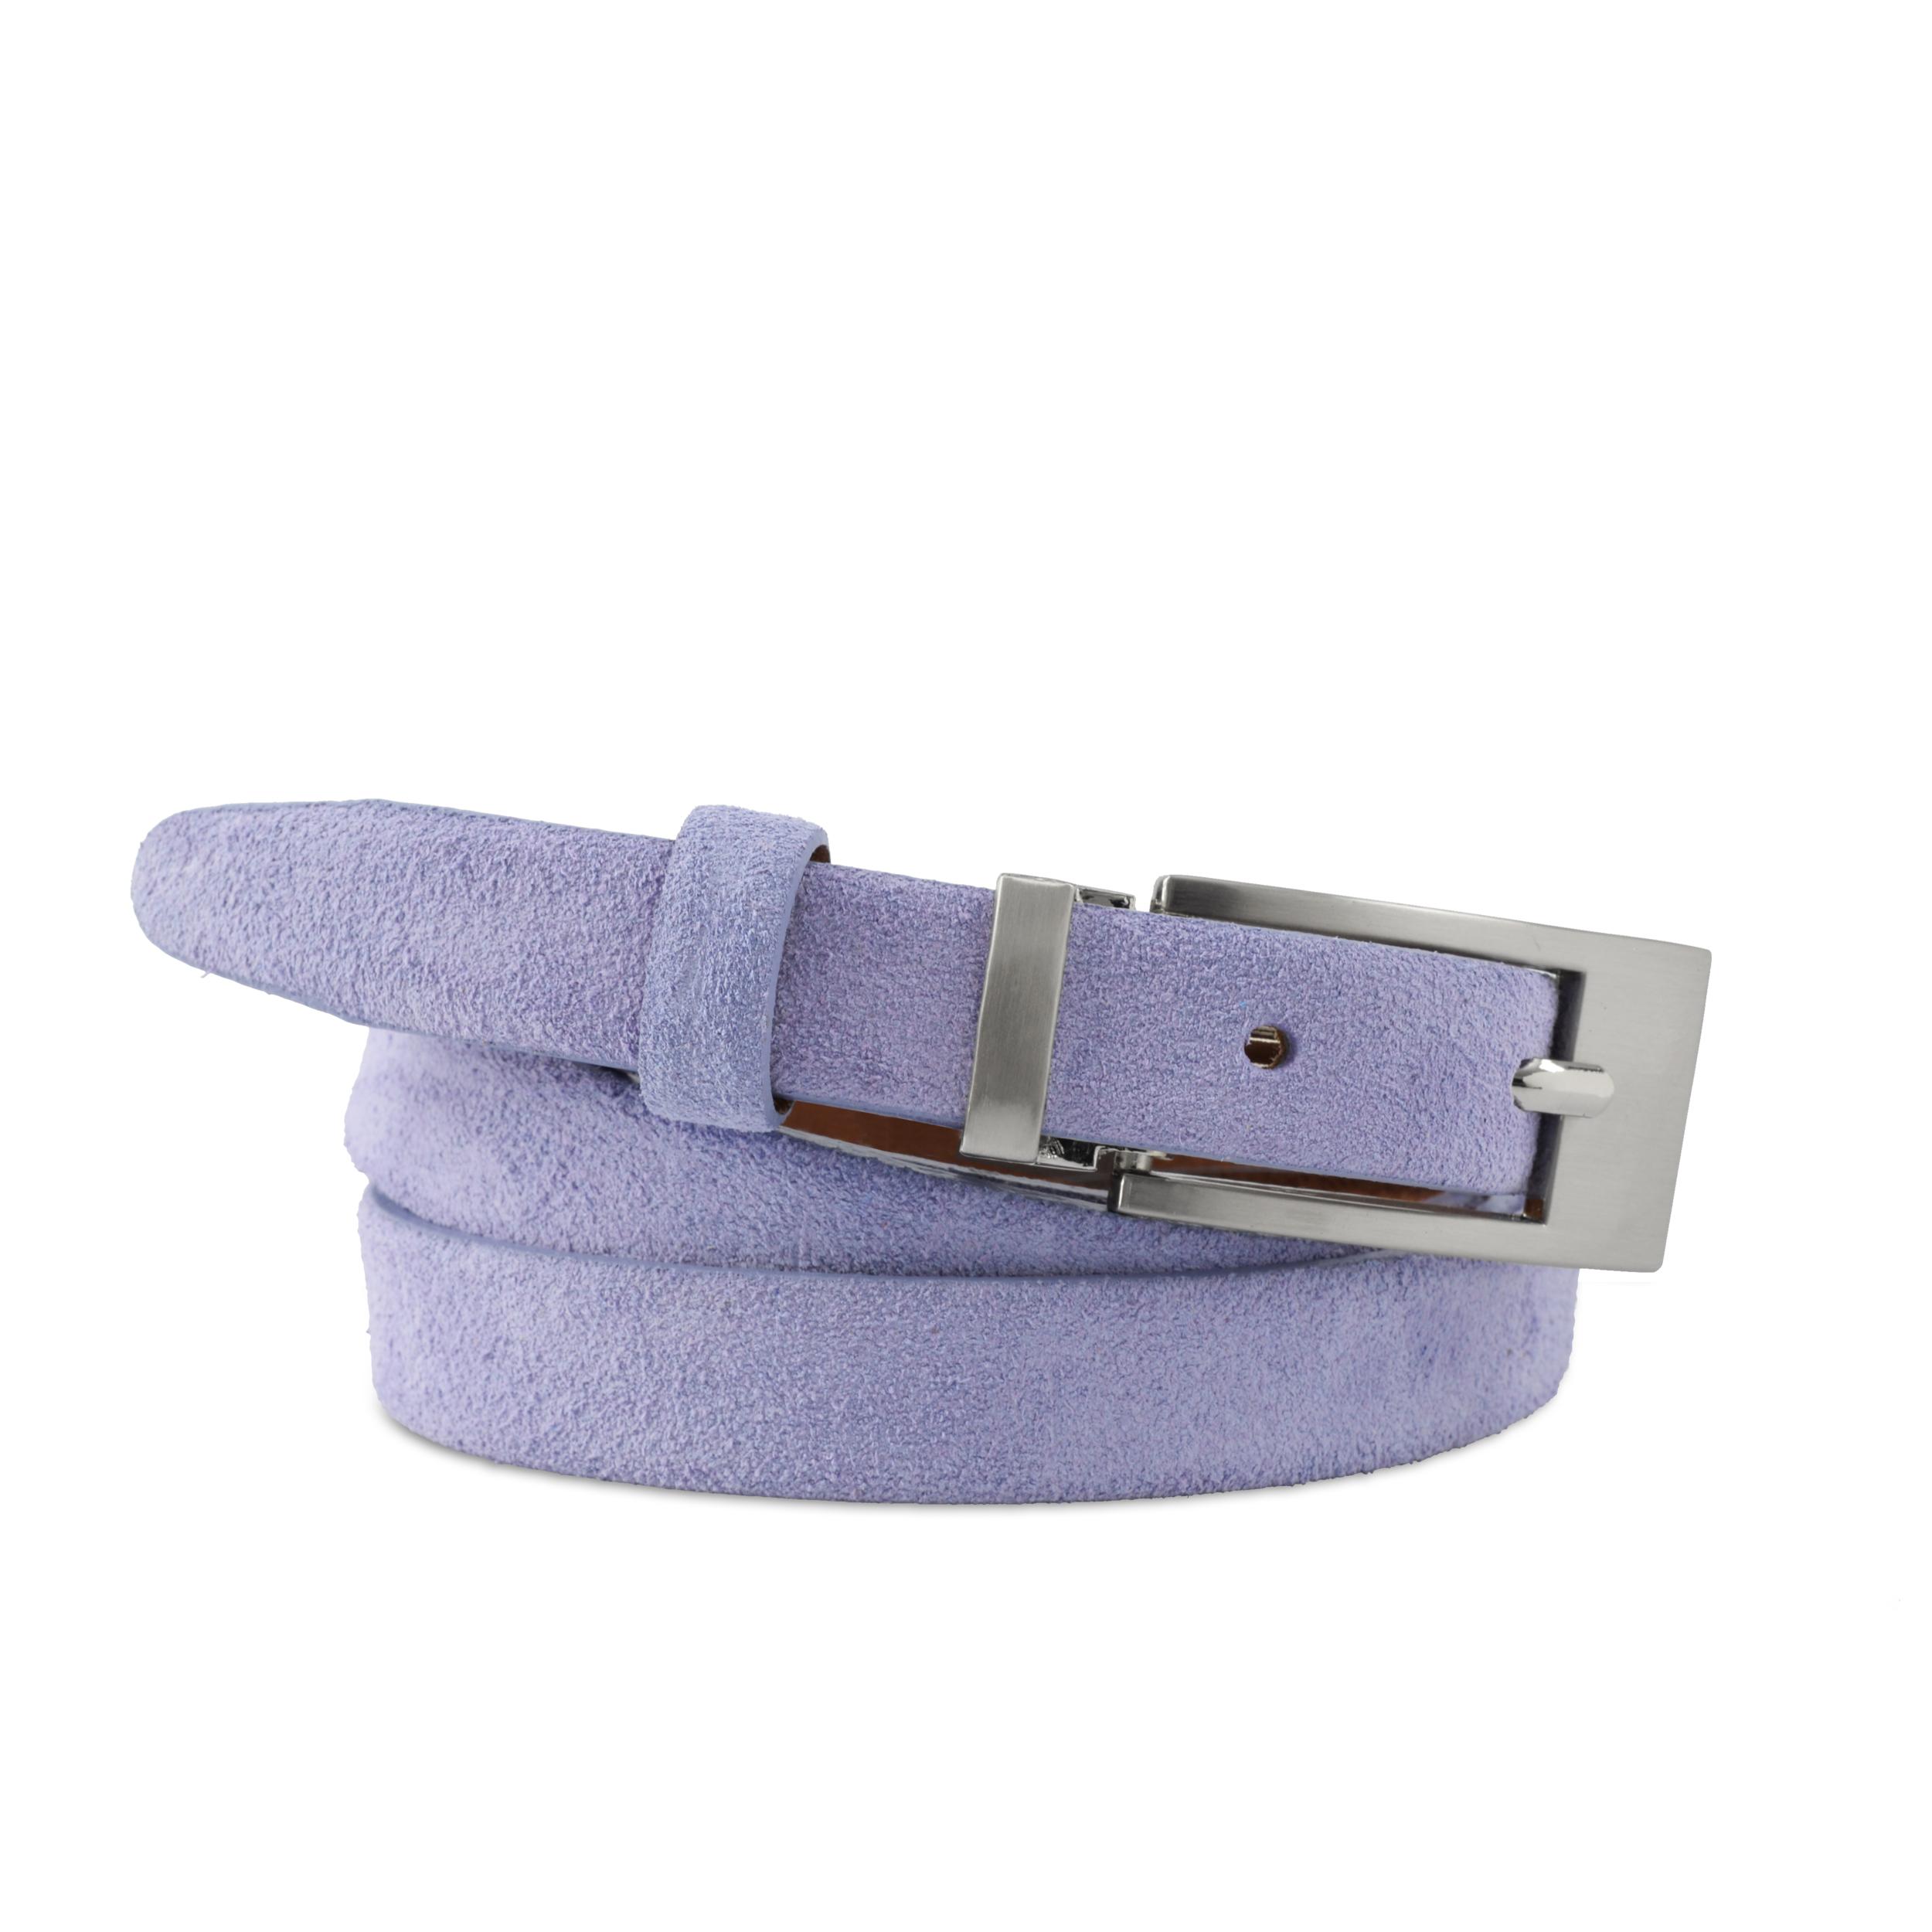 CT-00056-lavande-F16-ceinture-femme-en-cuir-suedine-lavandin